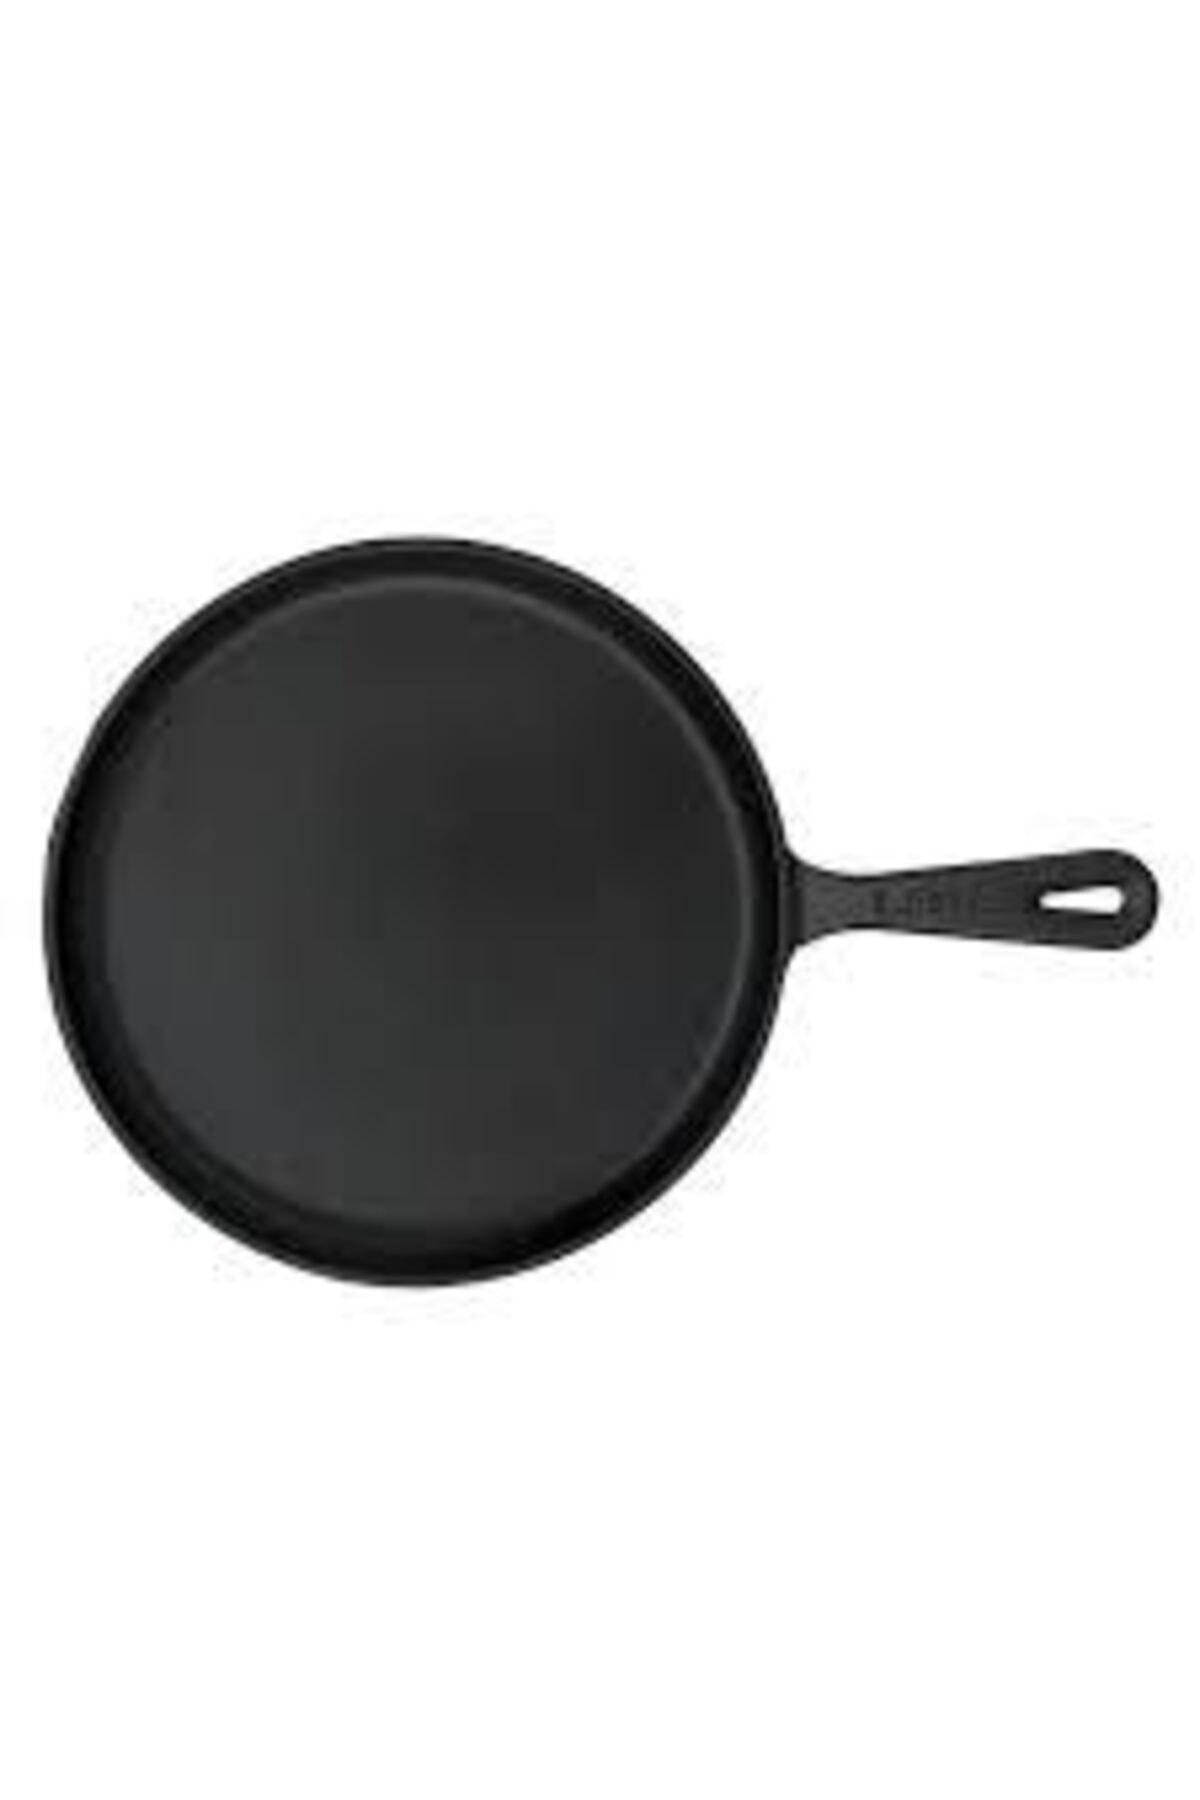 Döküm Krep/pizza/pancake Tavası,yuvarlak,metal Saplı Çap 26 Cm Lvecoykrp26